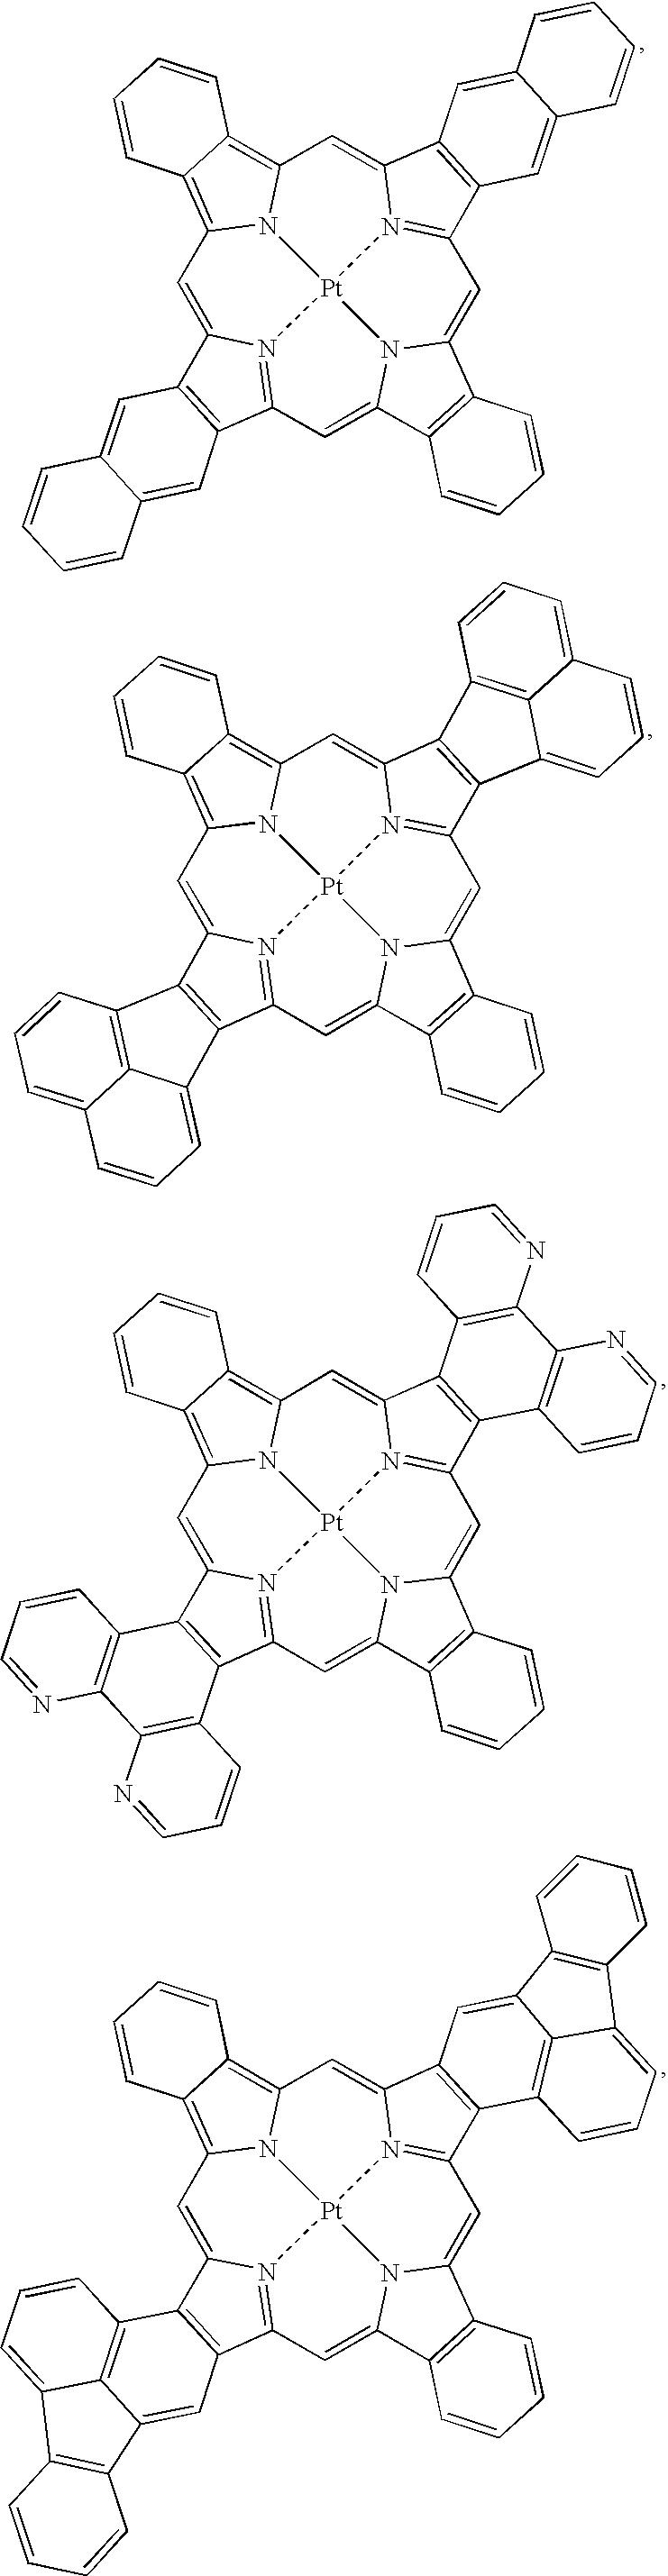 Figure US20080061681A1-20080313-C00016